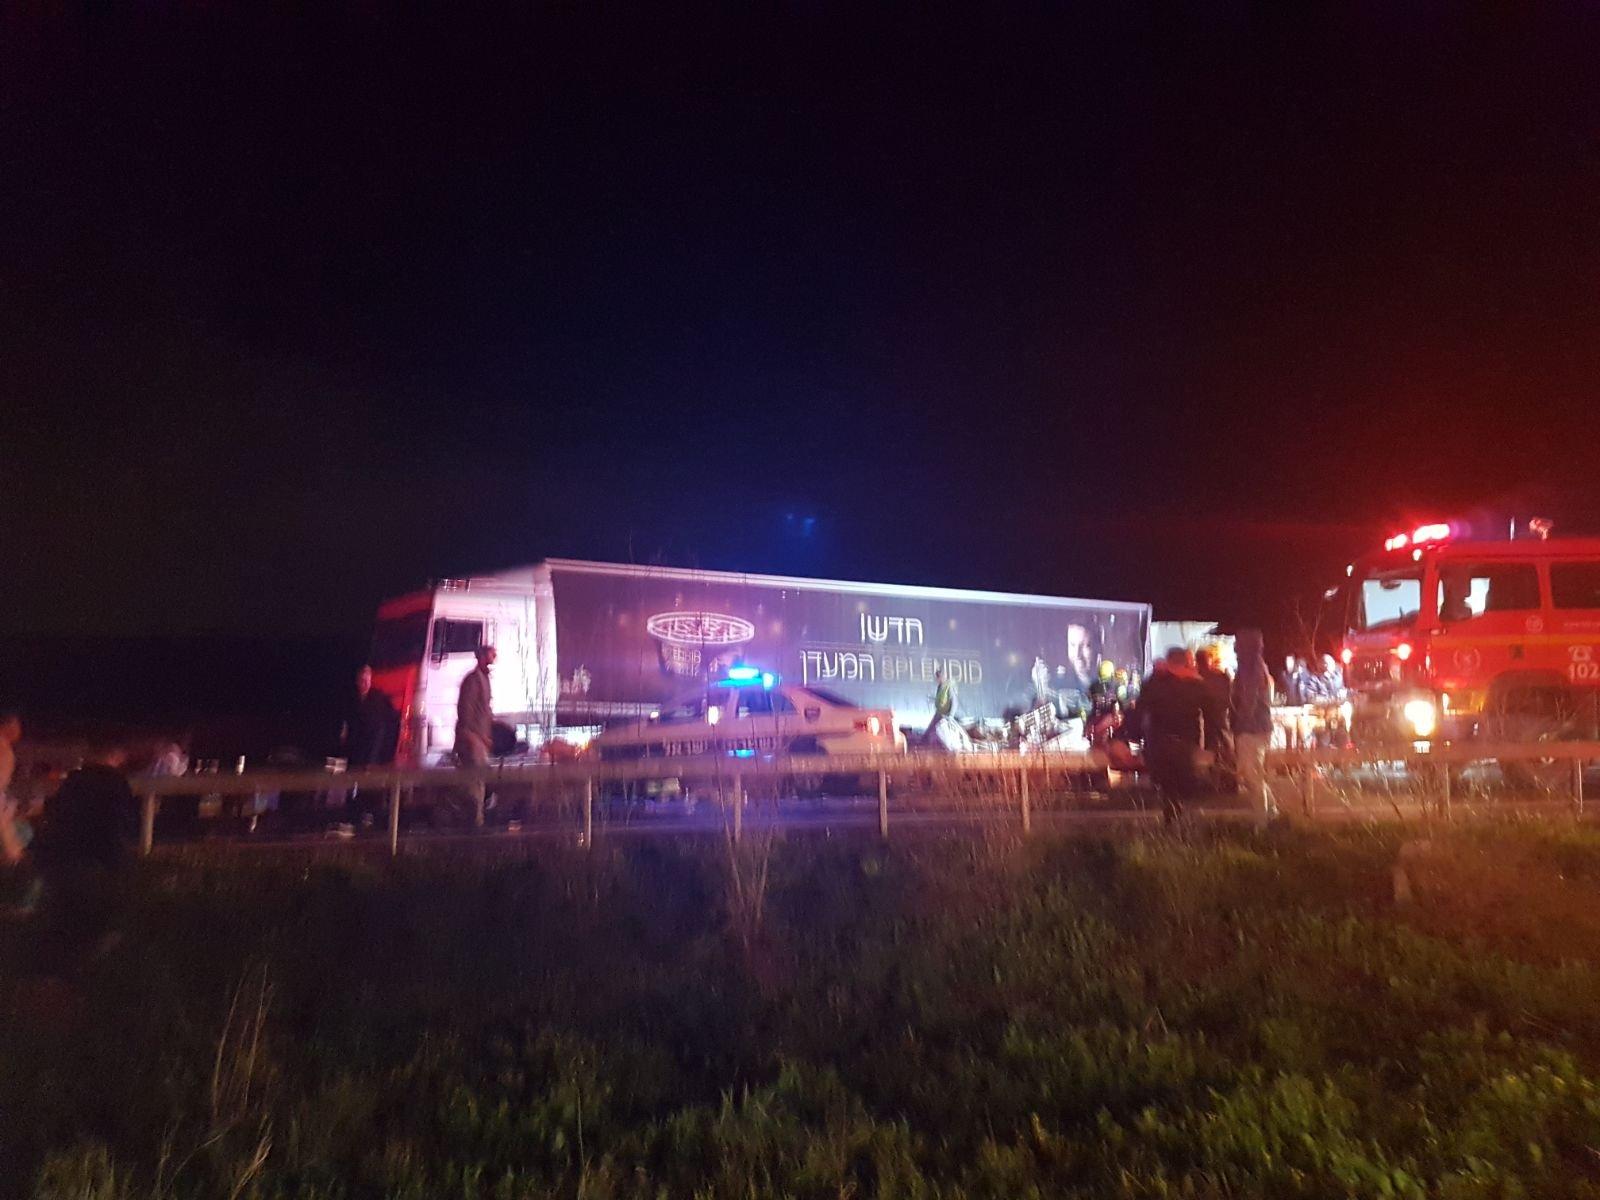 """حادث طرق مروع بين شاحنتين على شارع 6 قرب """"عين توت"""" وإصابة خطيرة لسائق-0"""